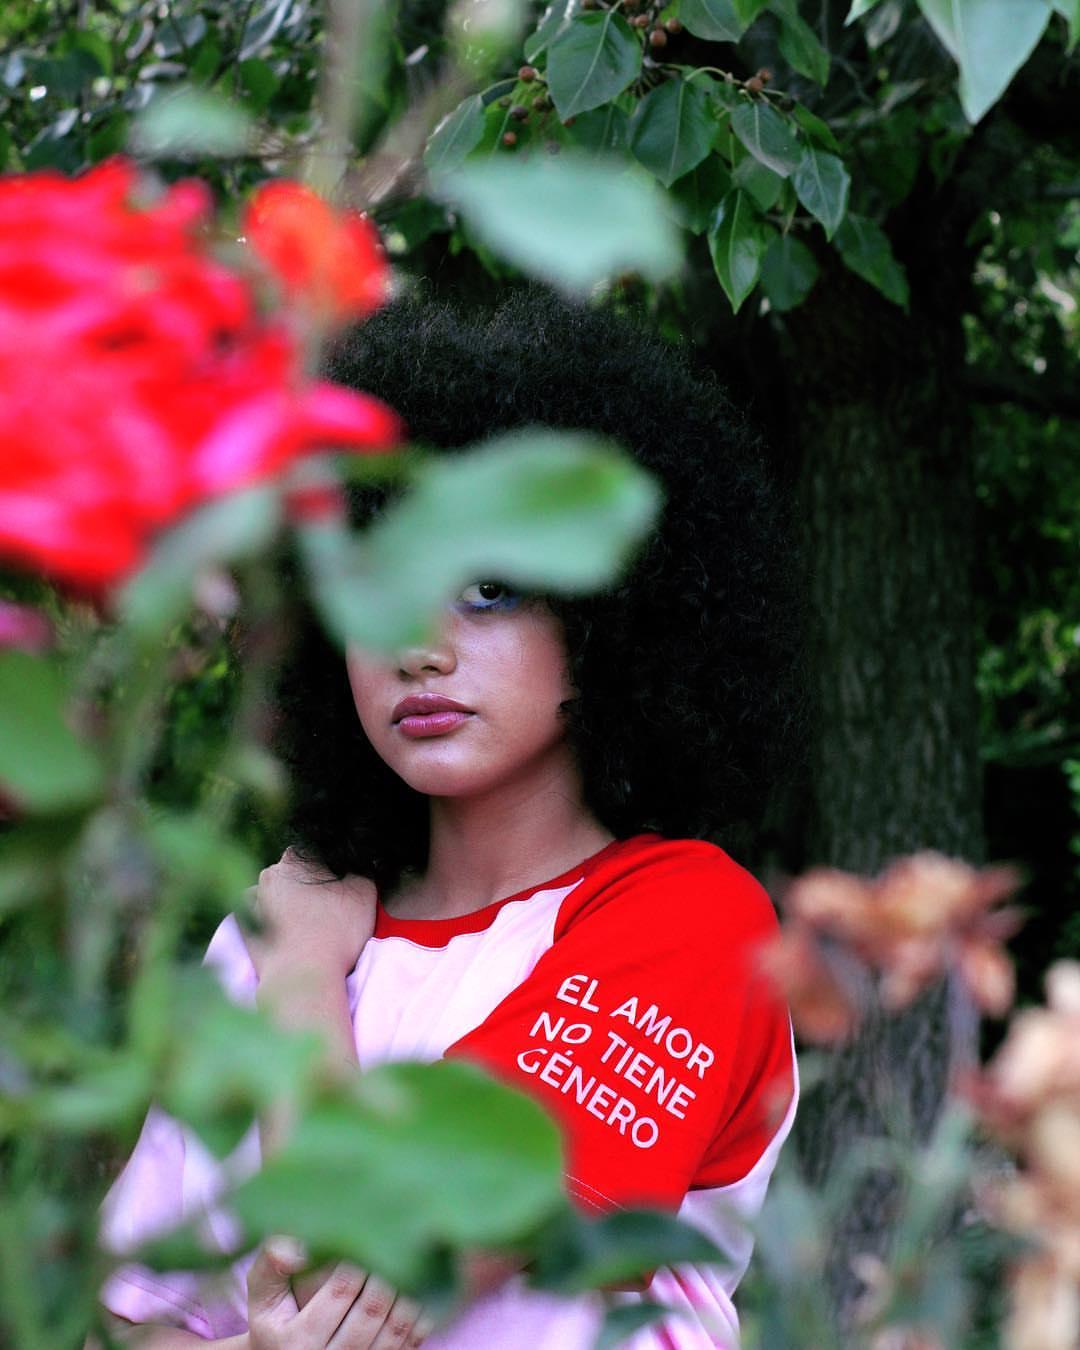 Omnia, la marca chilena sin géneros que agotó sus productos al tiro